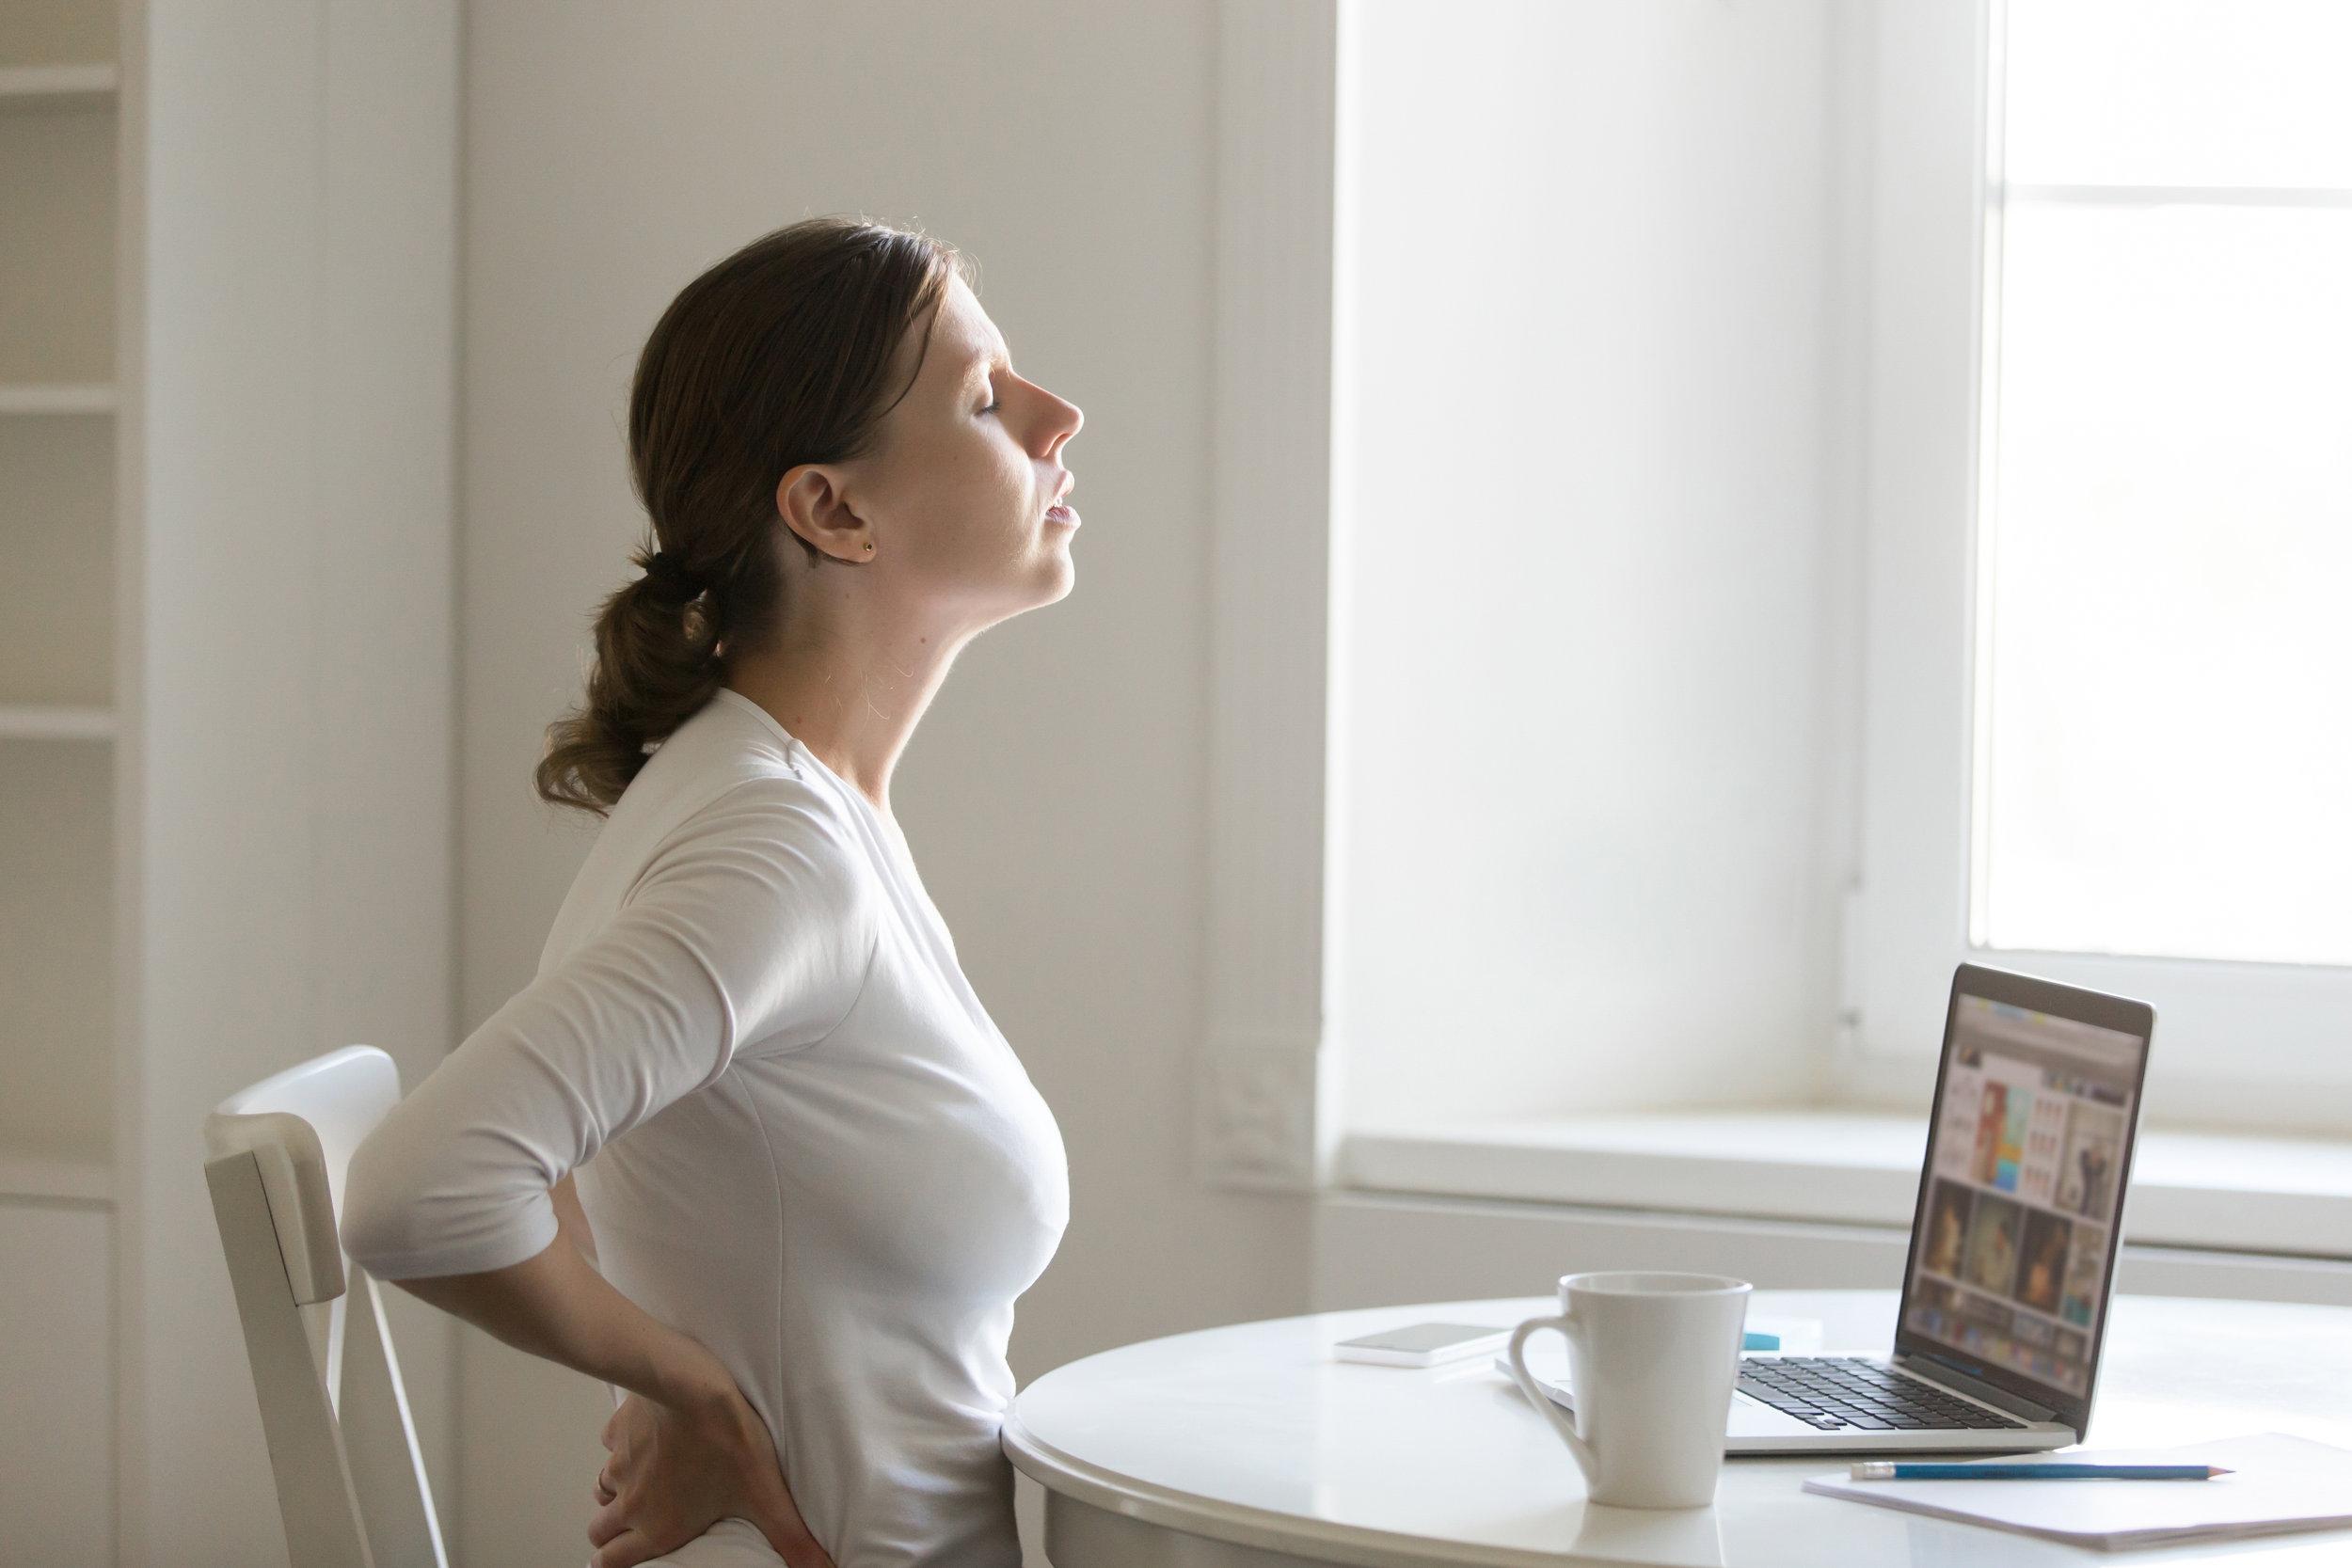 Arbeitsplätze ergonomisch gestalten Rehbein Akademie Gesundheitsförderung BGM Online-Schulung